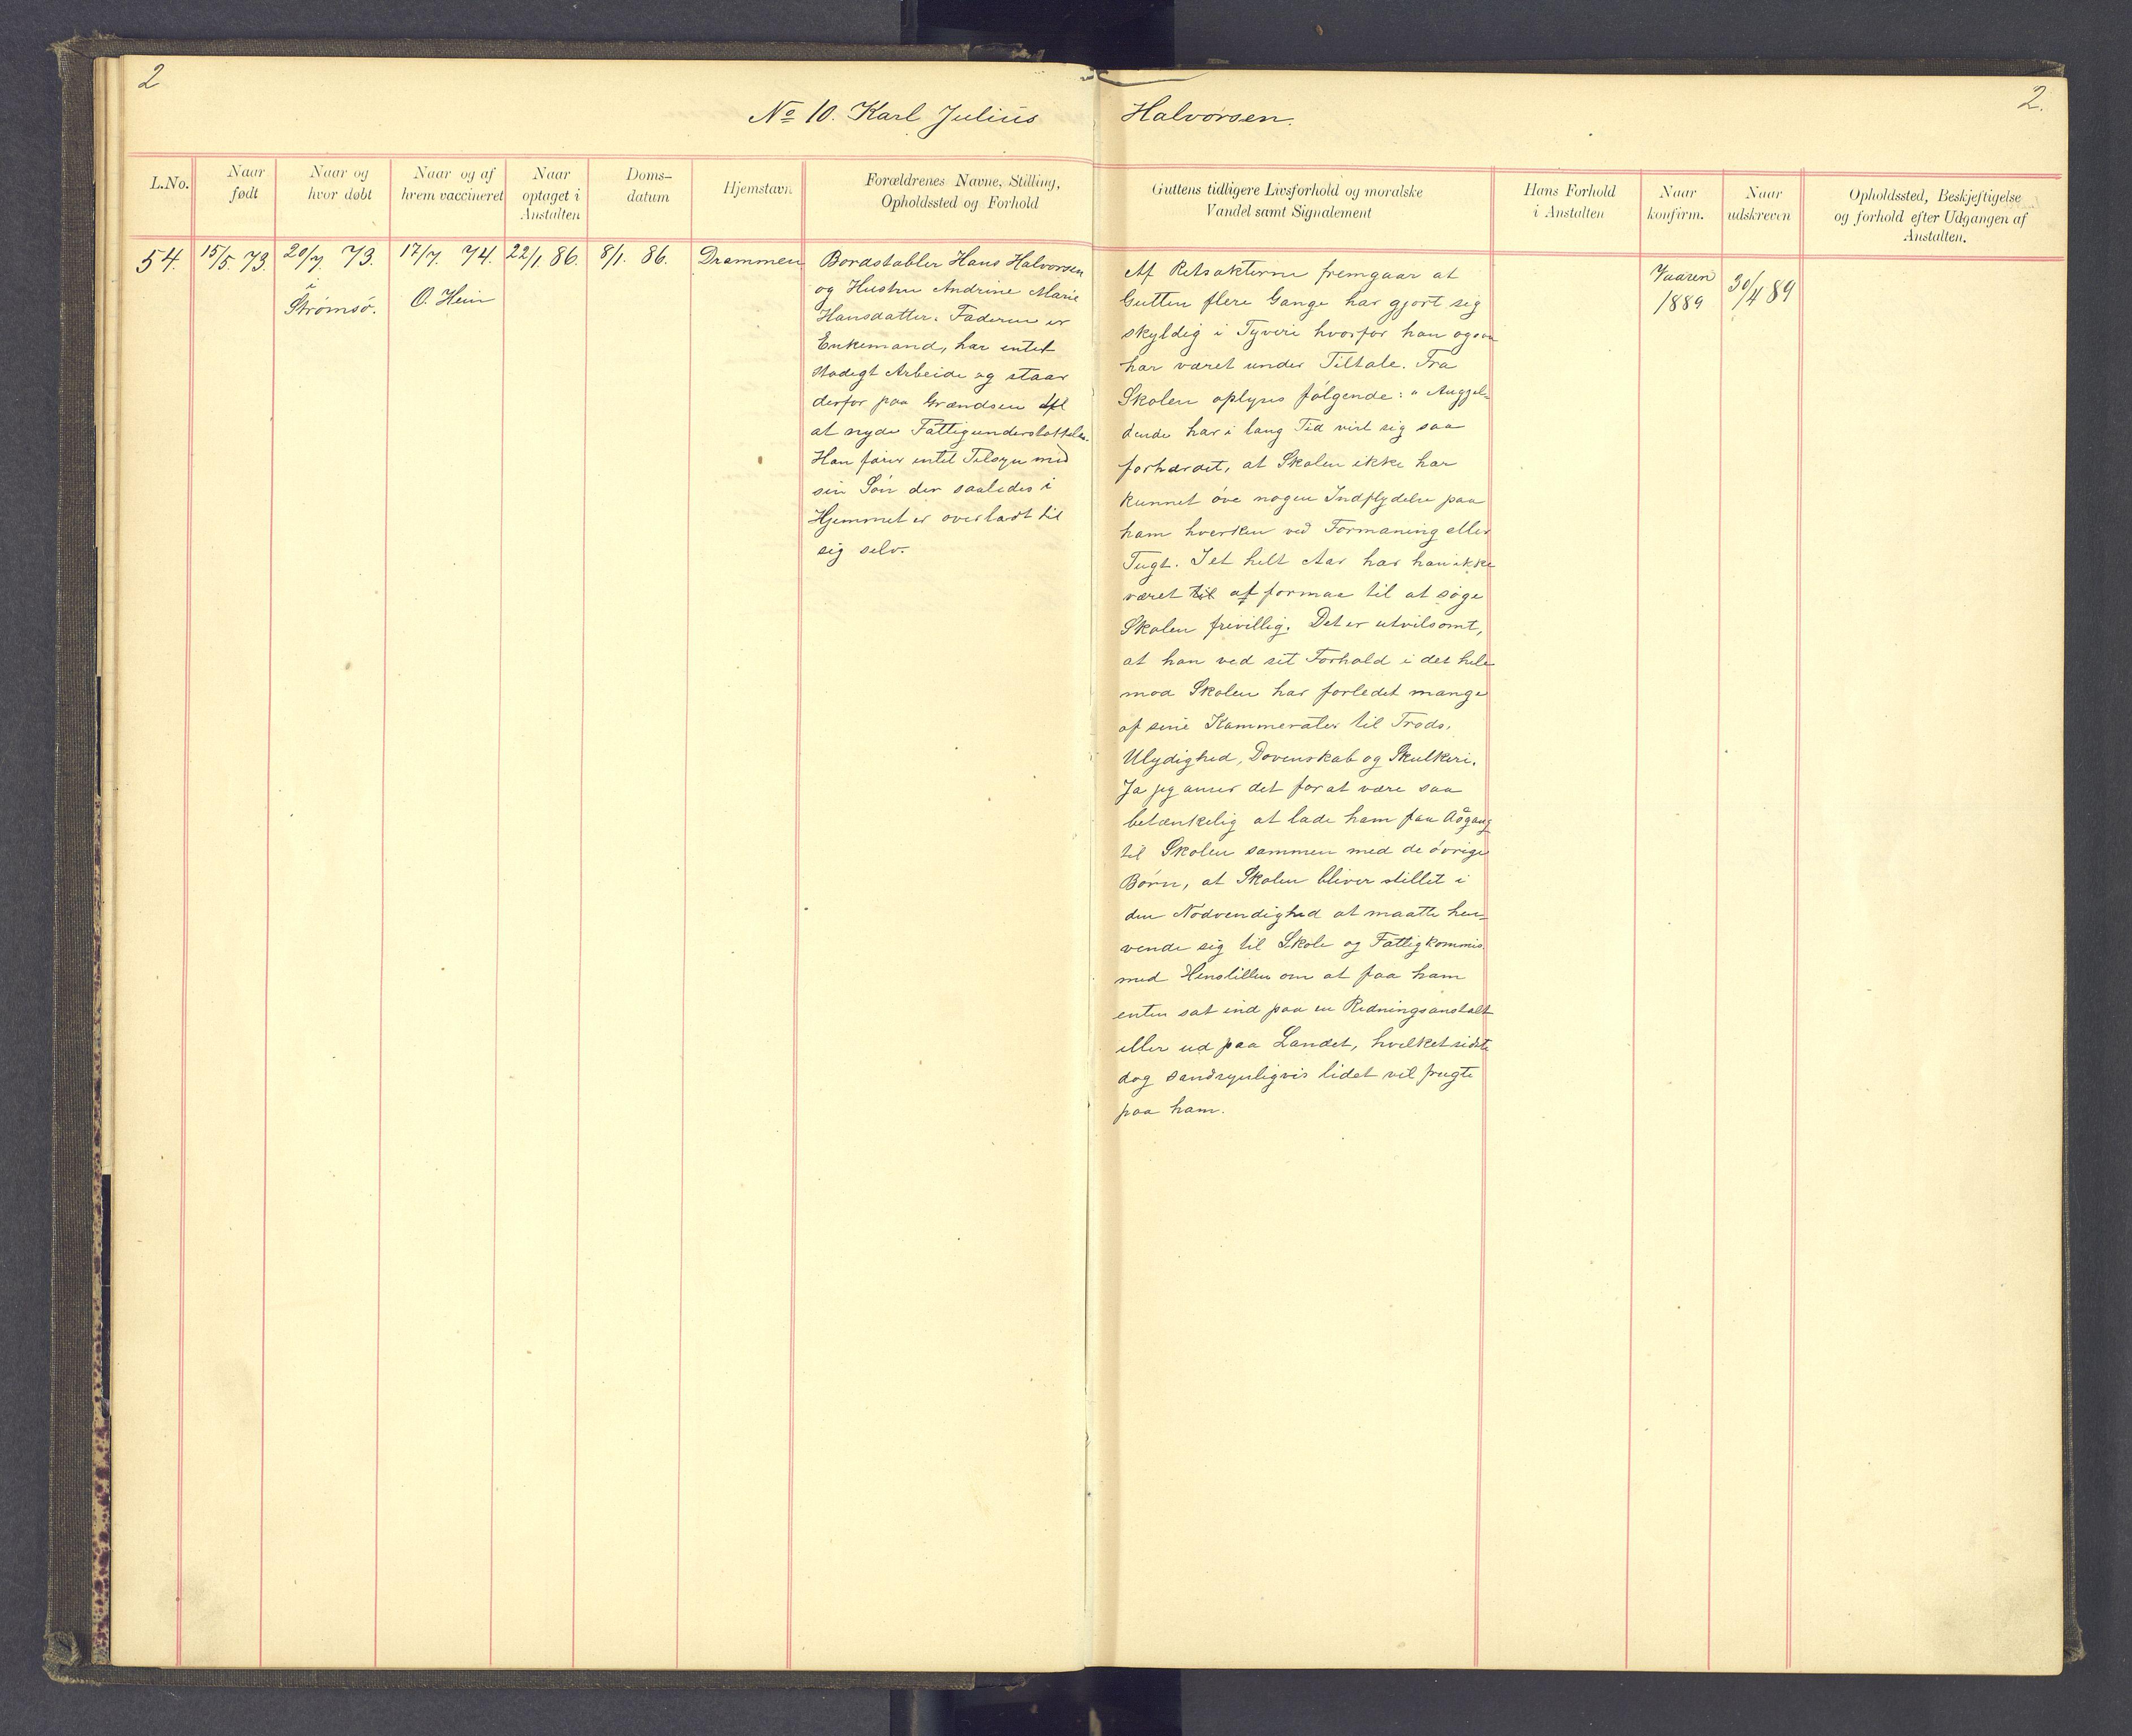 SAH, Toftes Gave, F/Fc/L0003: Elevprotokoll, 1886-1897, s. 2